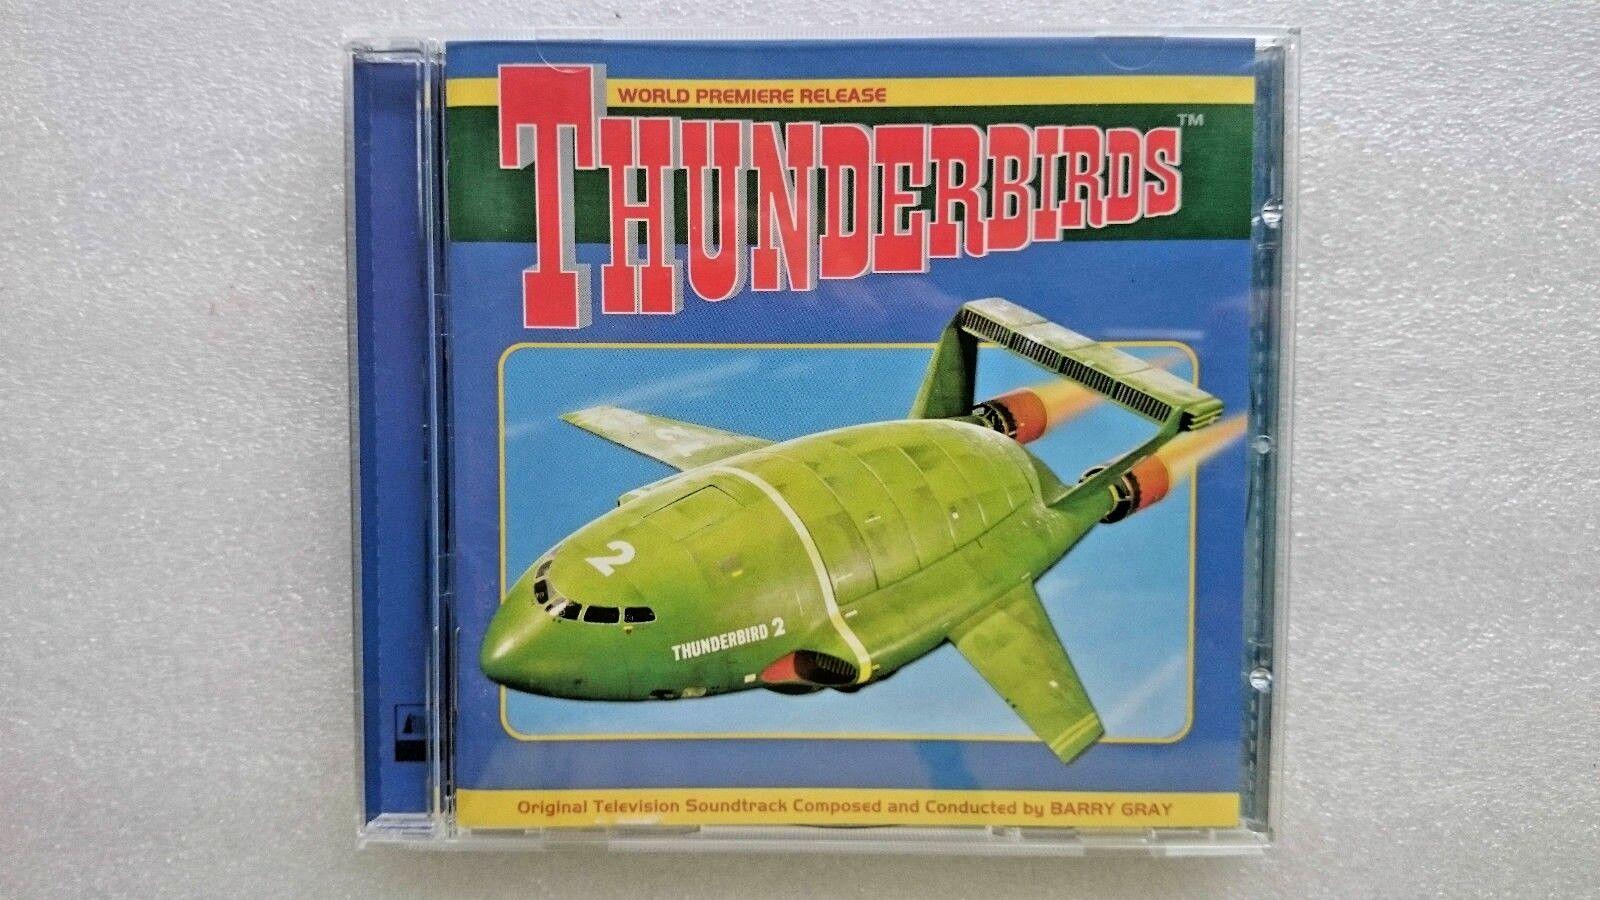 Barry Gray - Thunderbirds [Original TV Soundtrack] (Original Soundtrack, 2003)